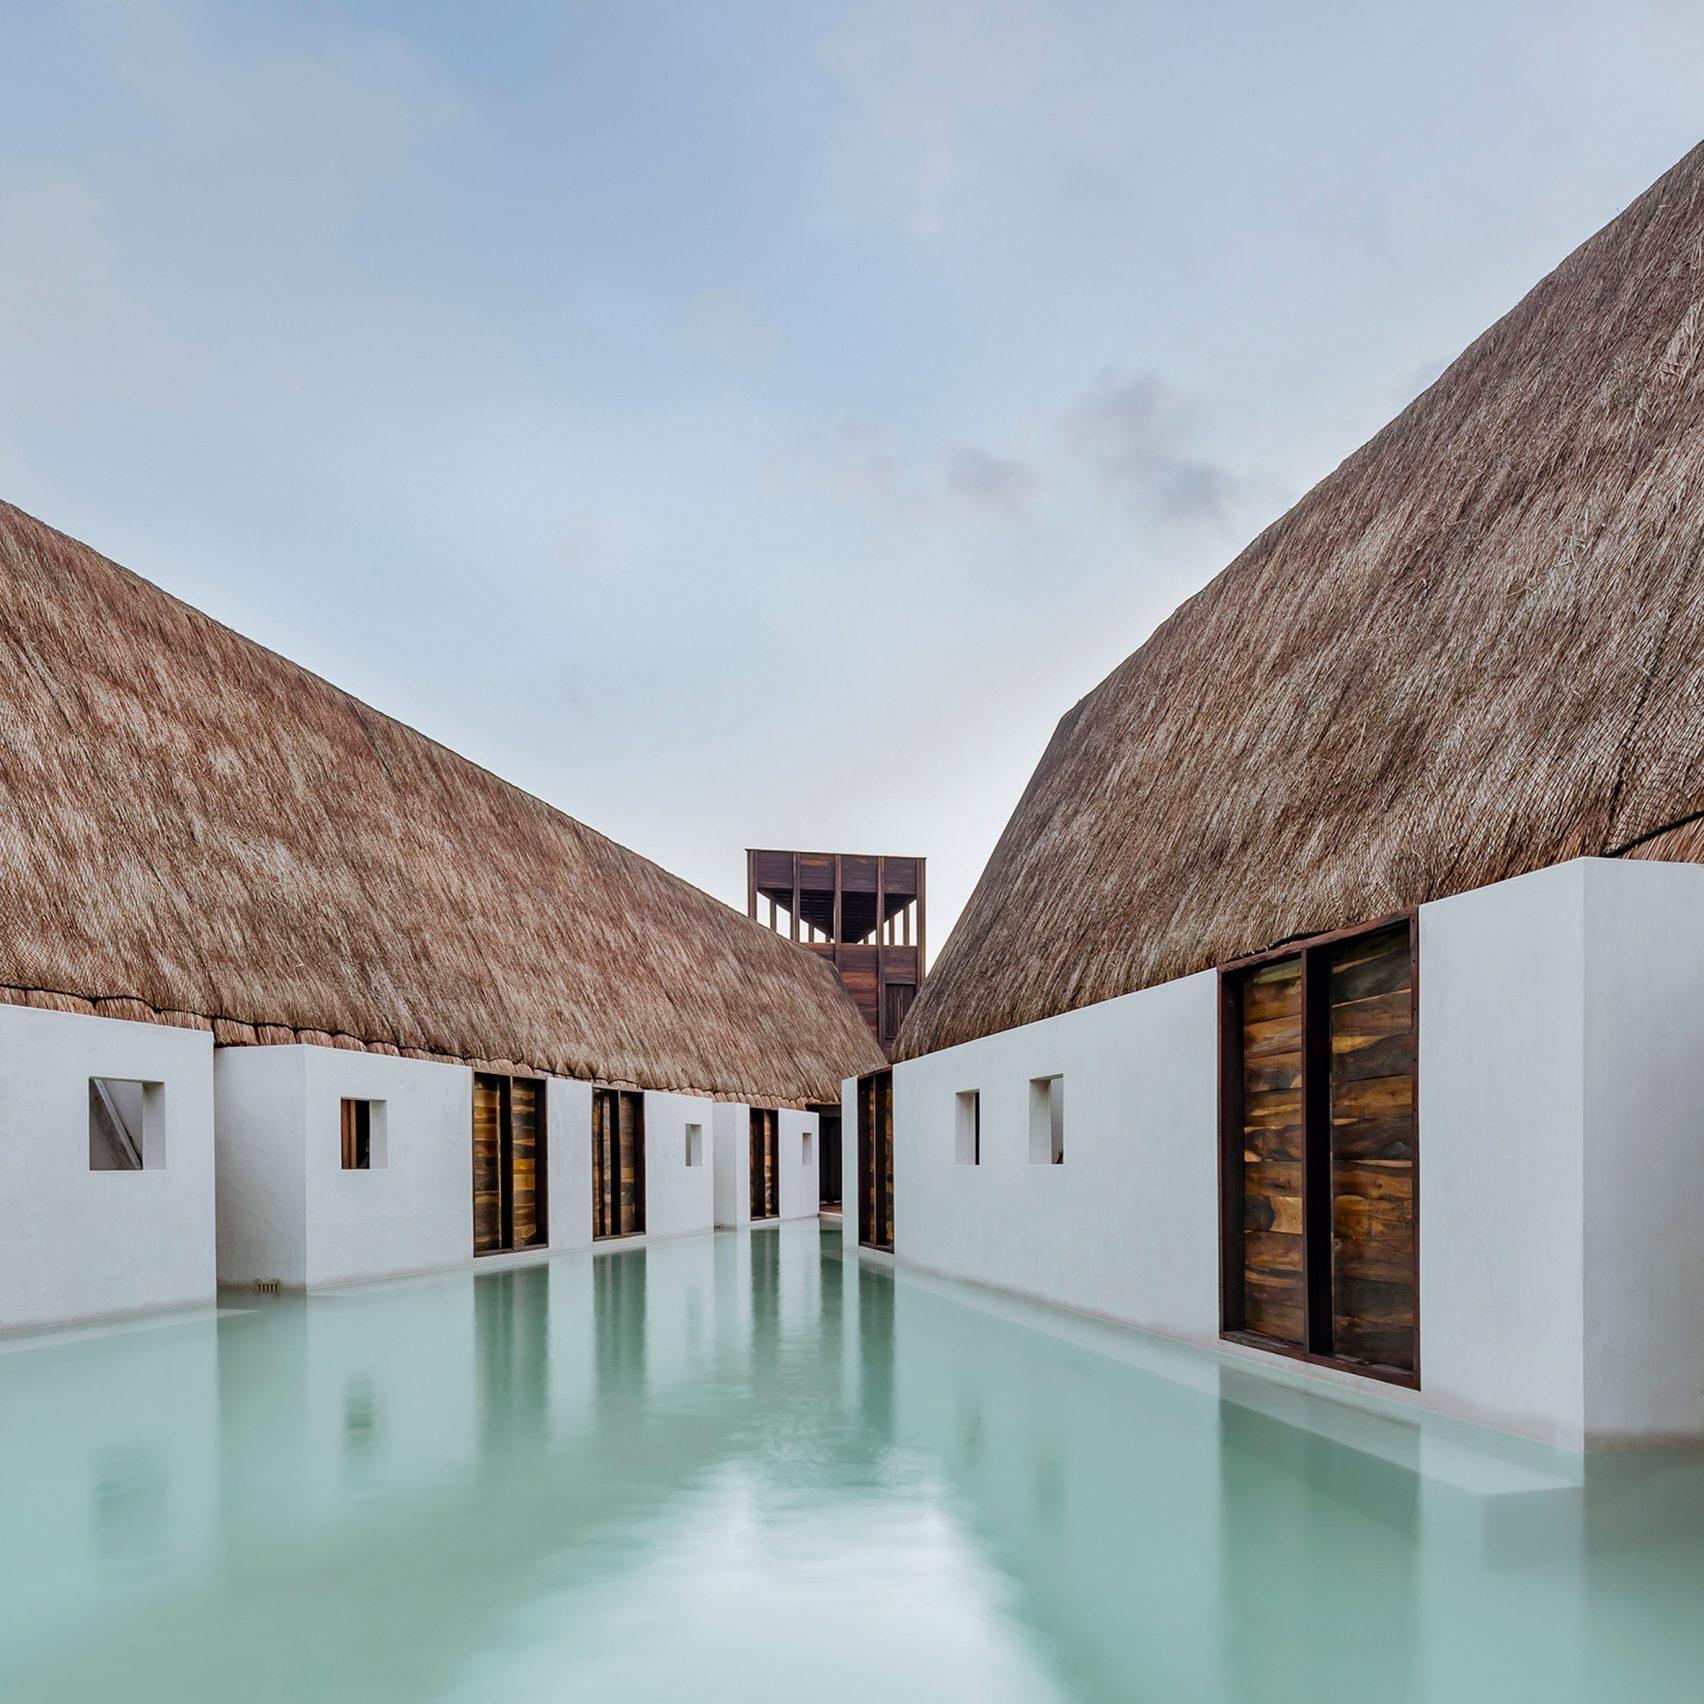 mexico moderne architektur mit wasser